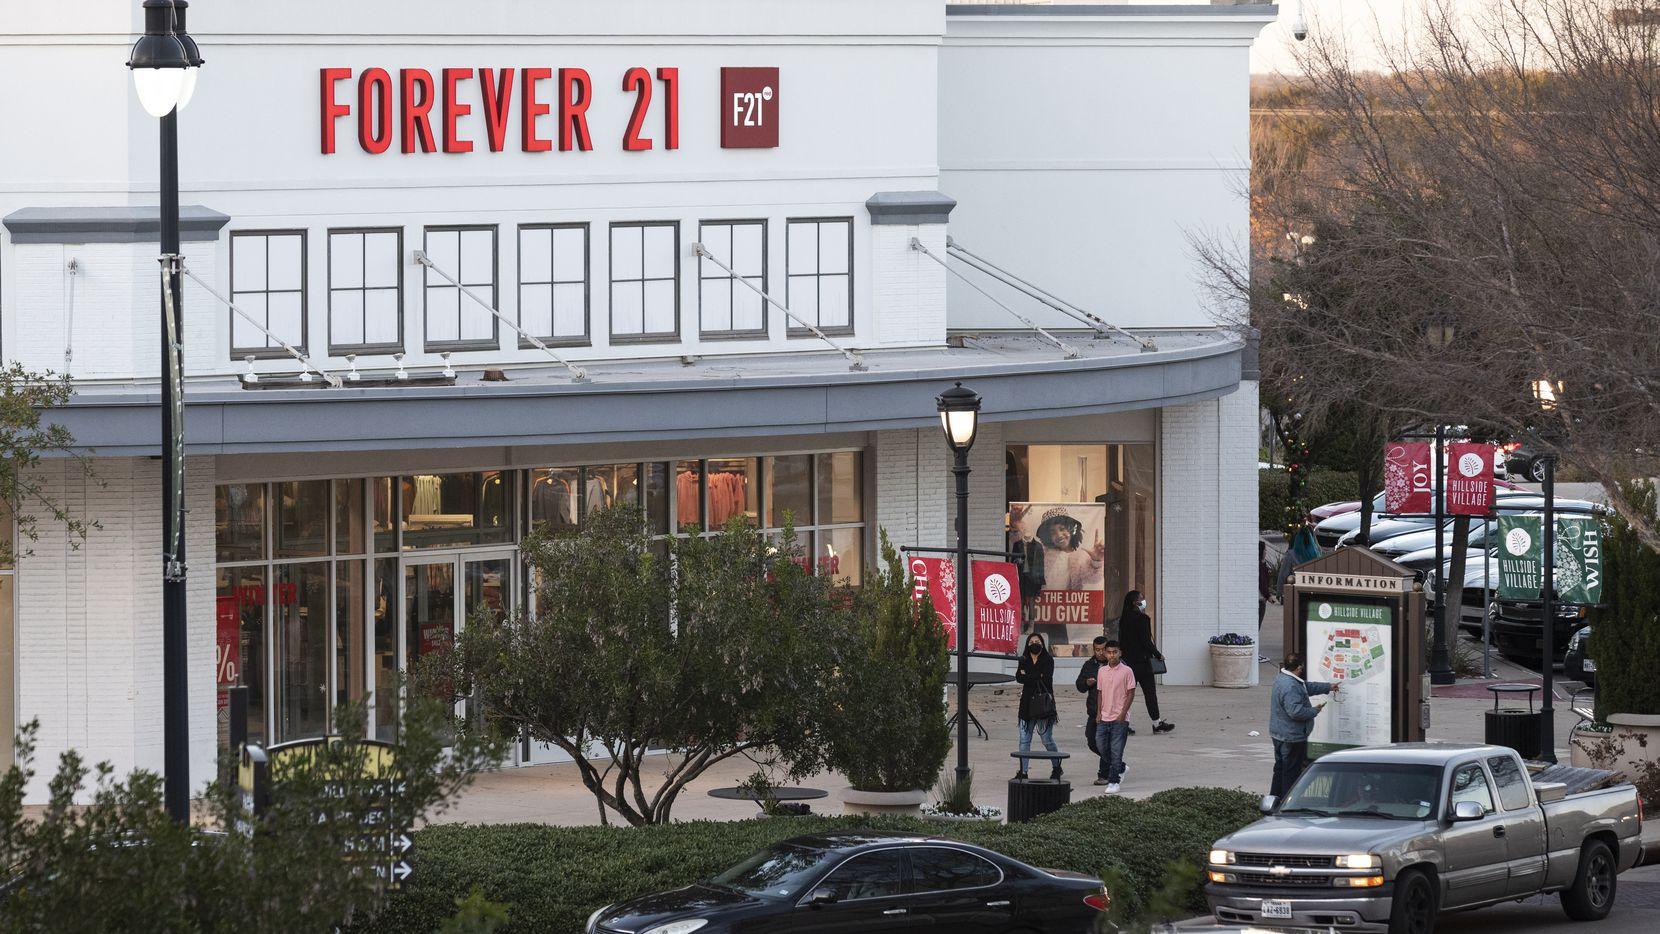 Forever 21 in Cedar Hill's Hillside Village shopping center.